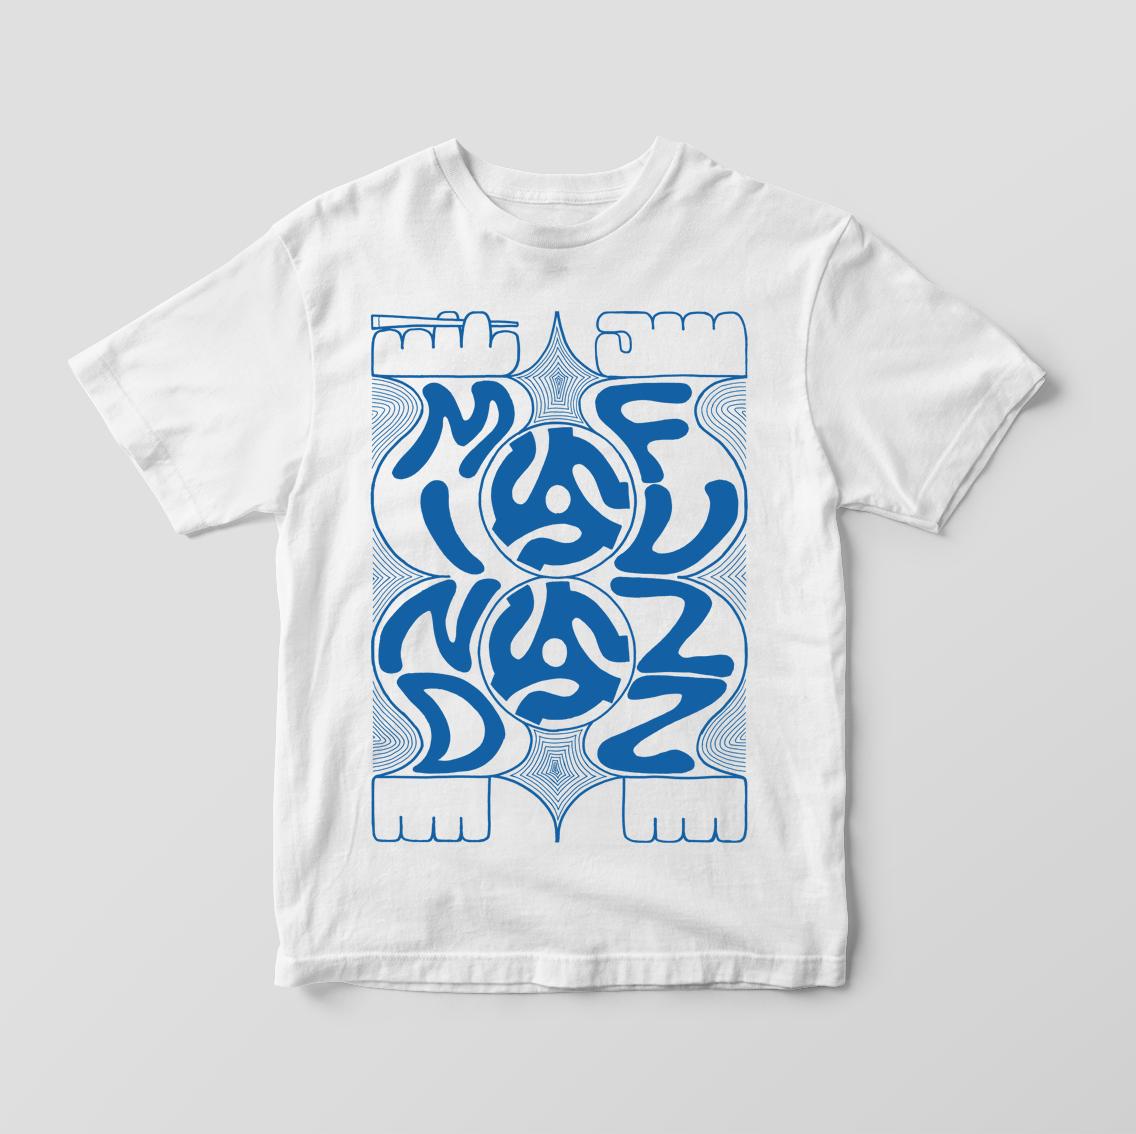 mind fuzz tshirt mockup v1.1.jpg